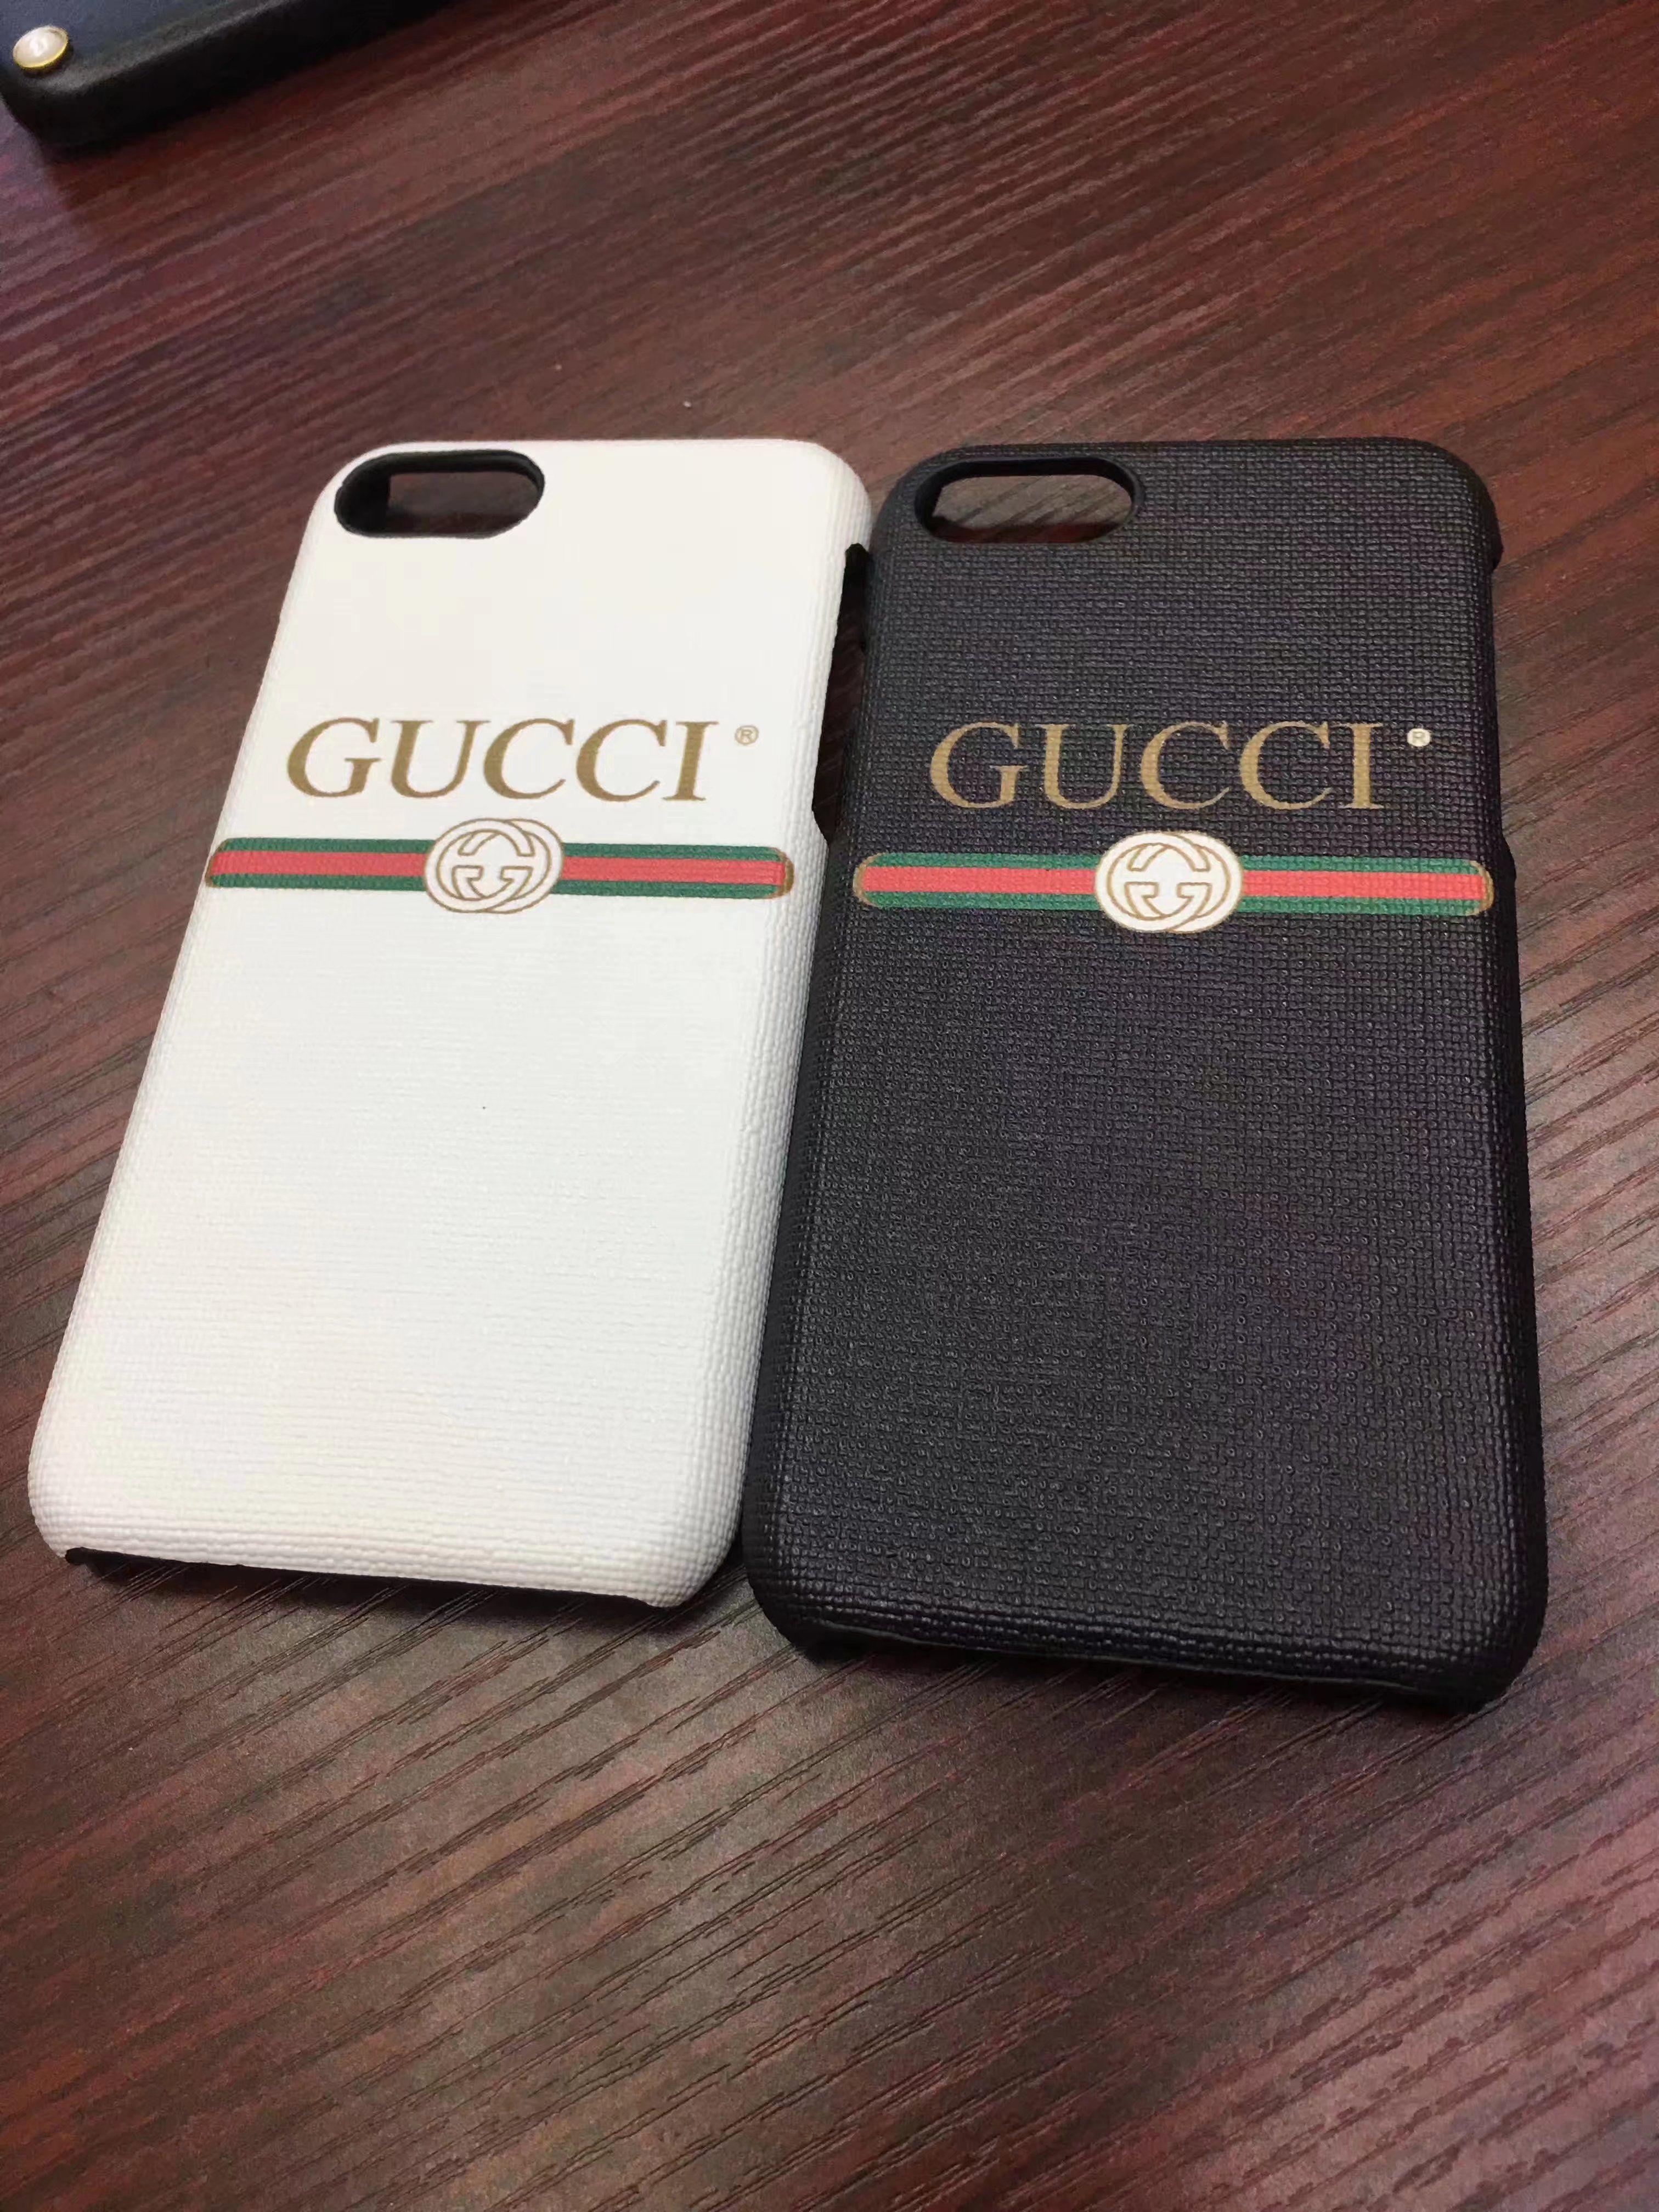 d2ff272eef75e2 グッチGucciシンプルiPhone8/7s/6plusケース アイフォン7plus/6sブランド携帯カバー